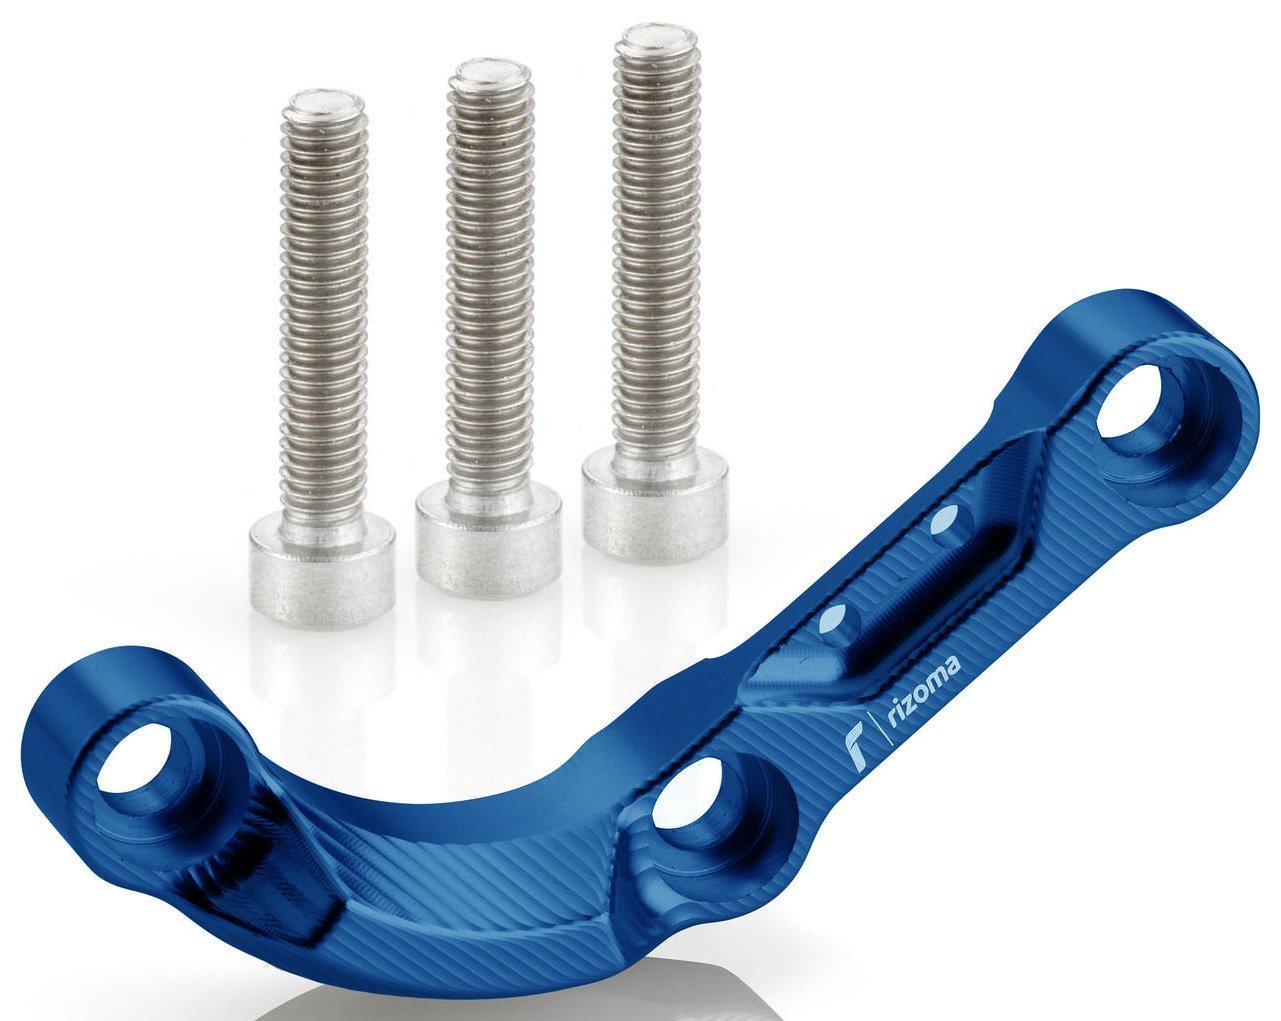 Защита правой крышки двигателя Rizoma для BMW S1000R 14-16